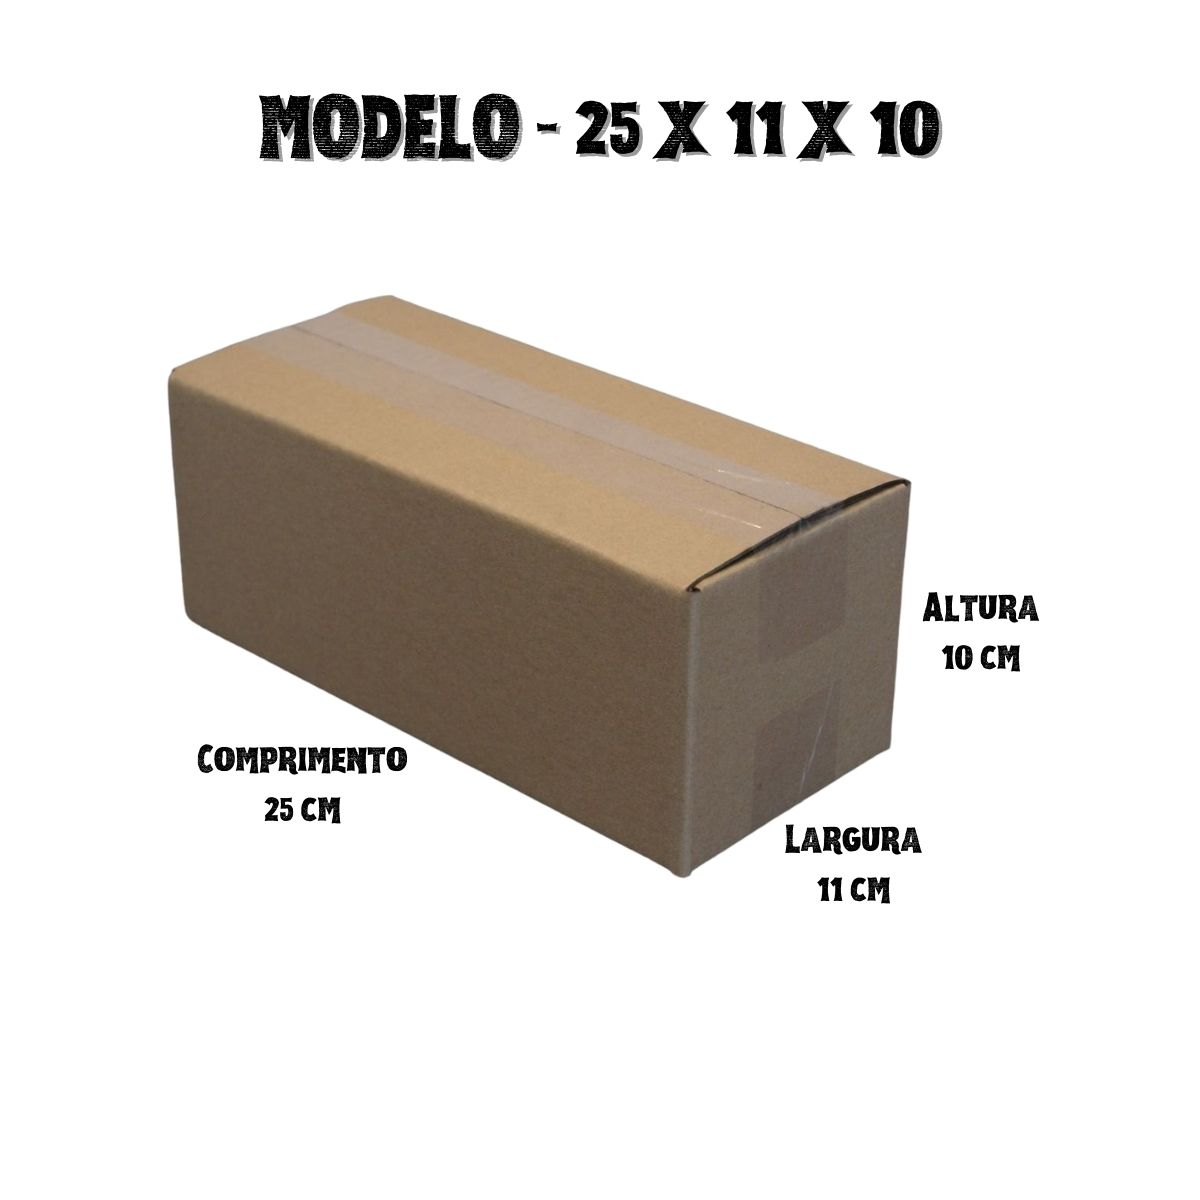 500 Caixas de Papelao (25X11X10)cm - Sedex / Pac / Correios